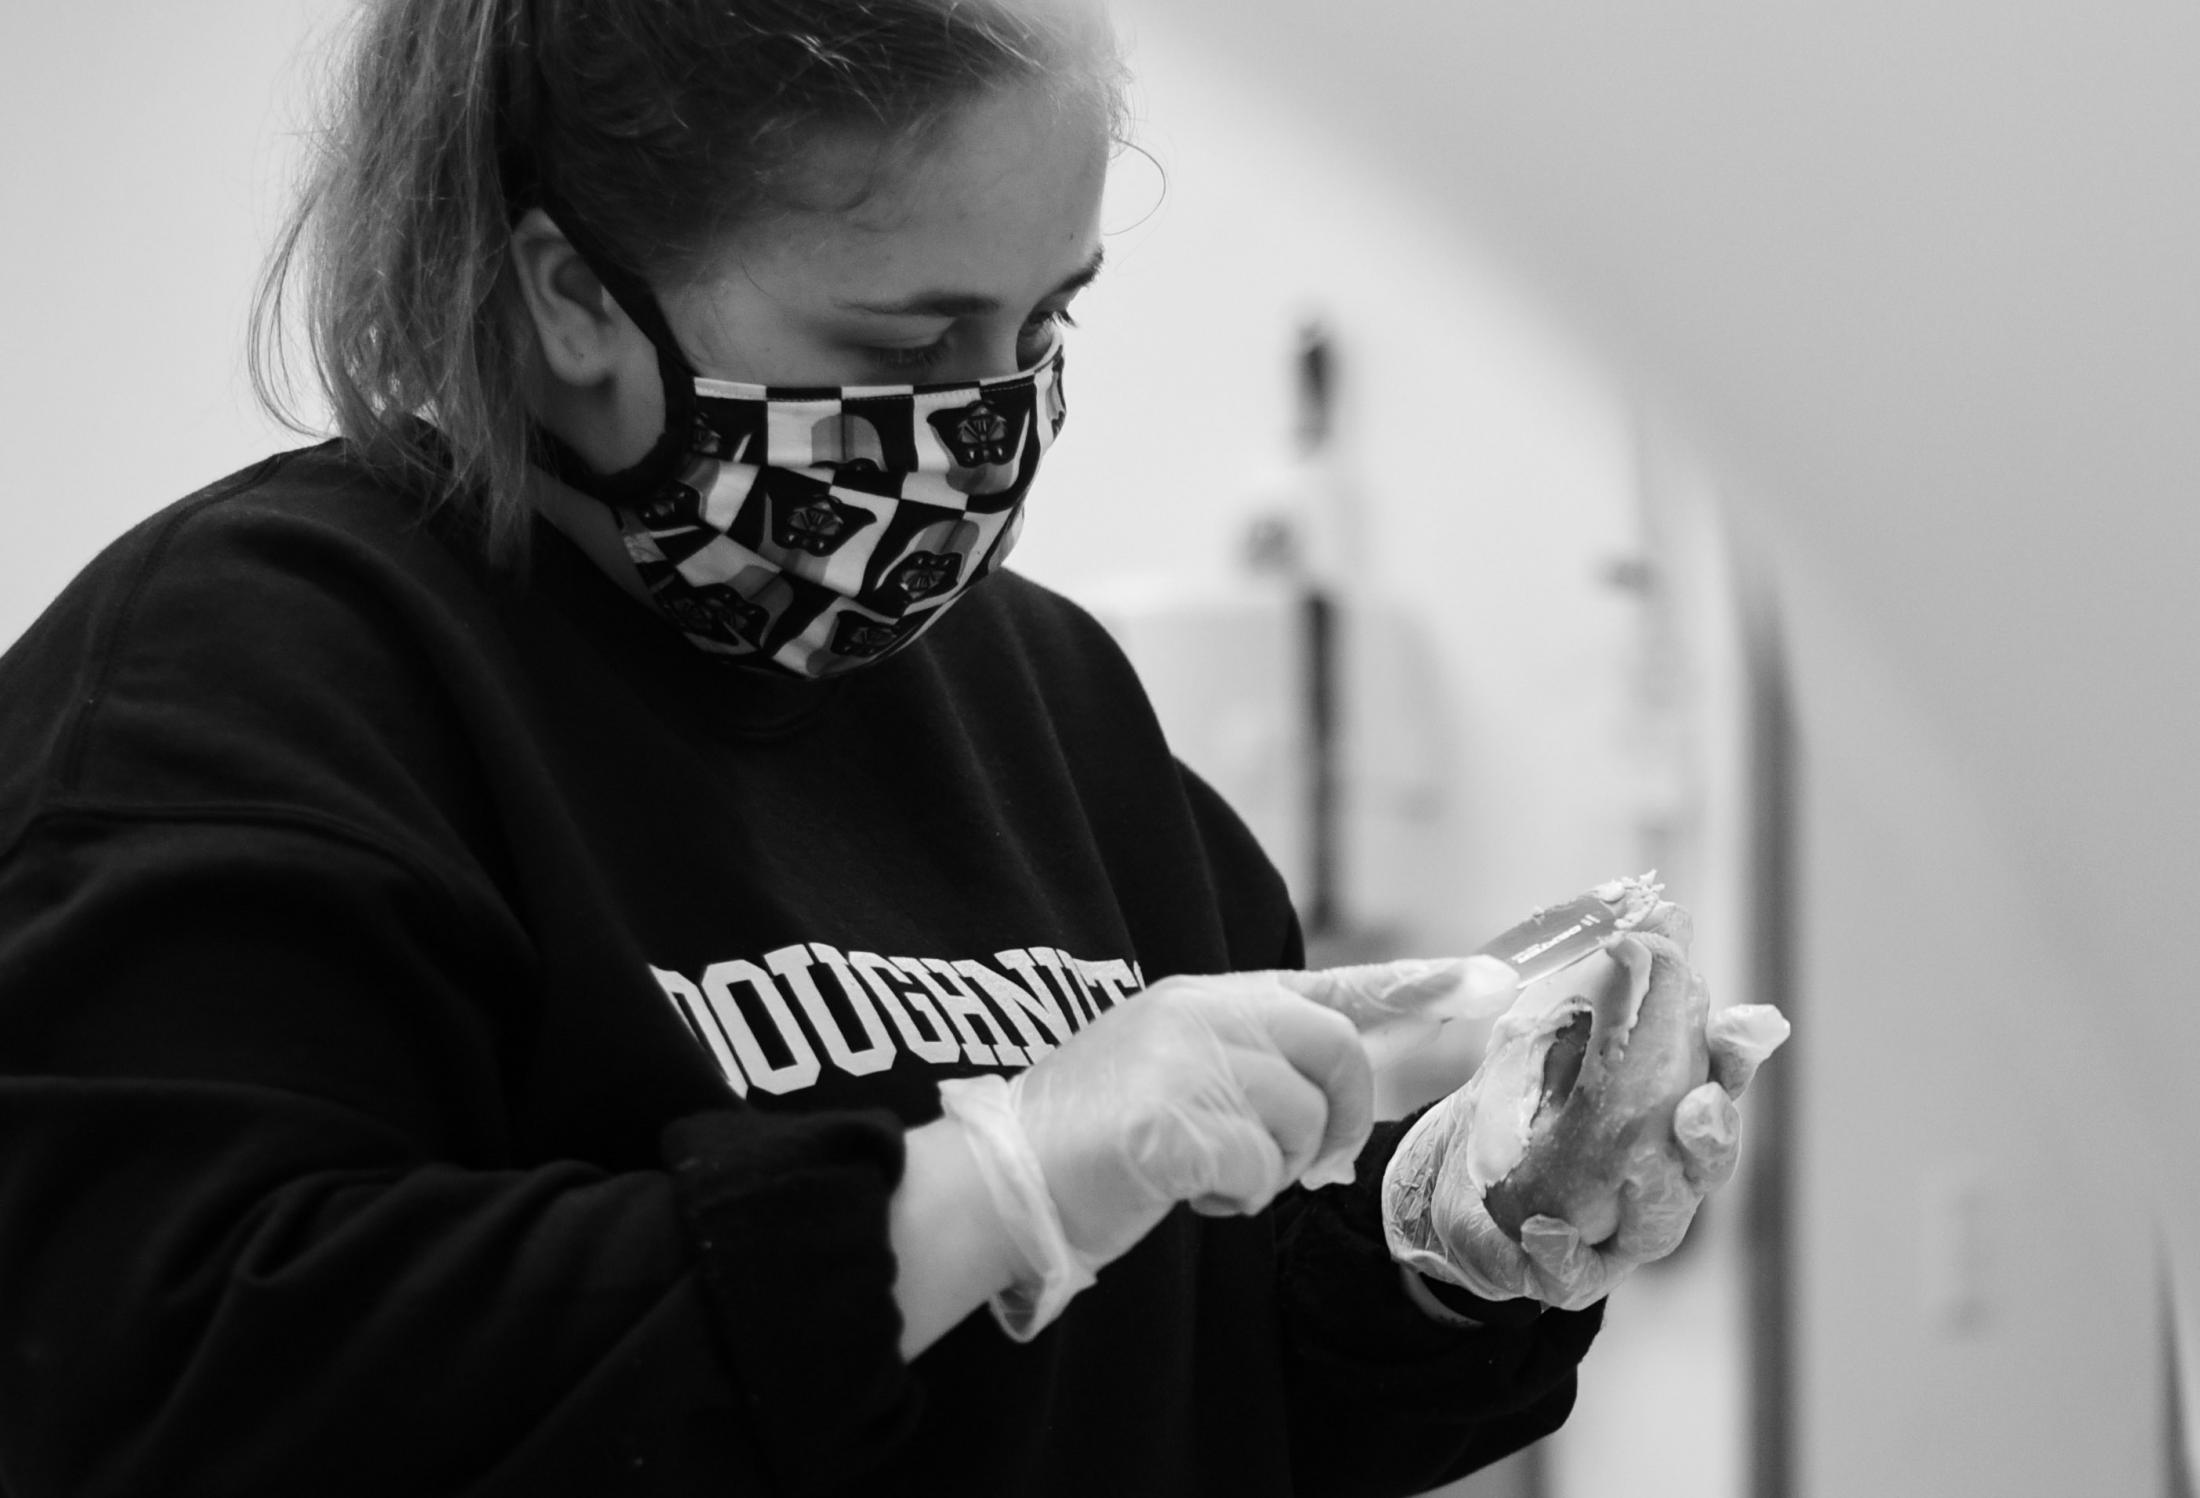 Art and Documentary Photography - Loading ER_EarlytoRise_final_02.JPG